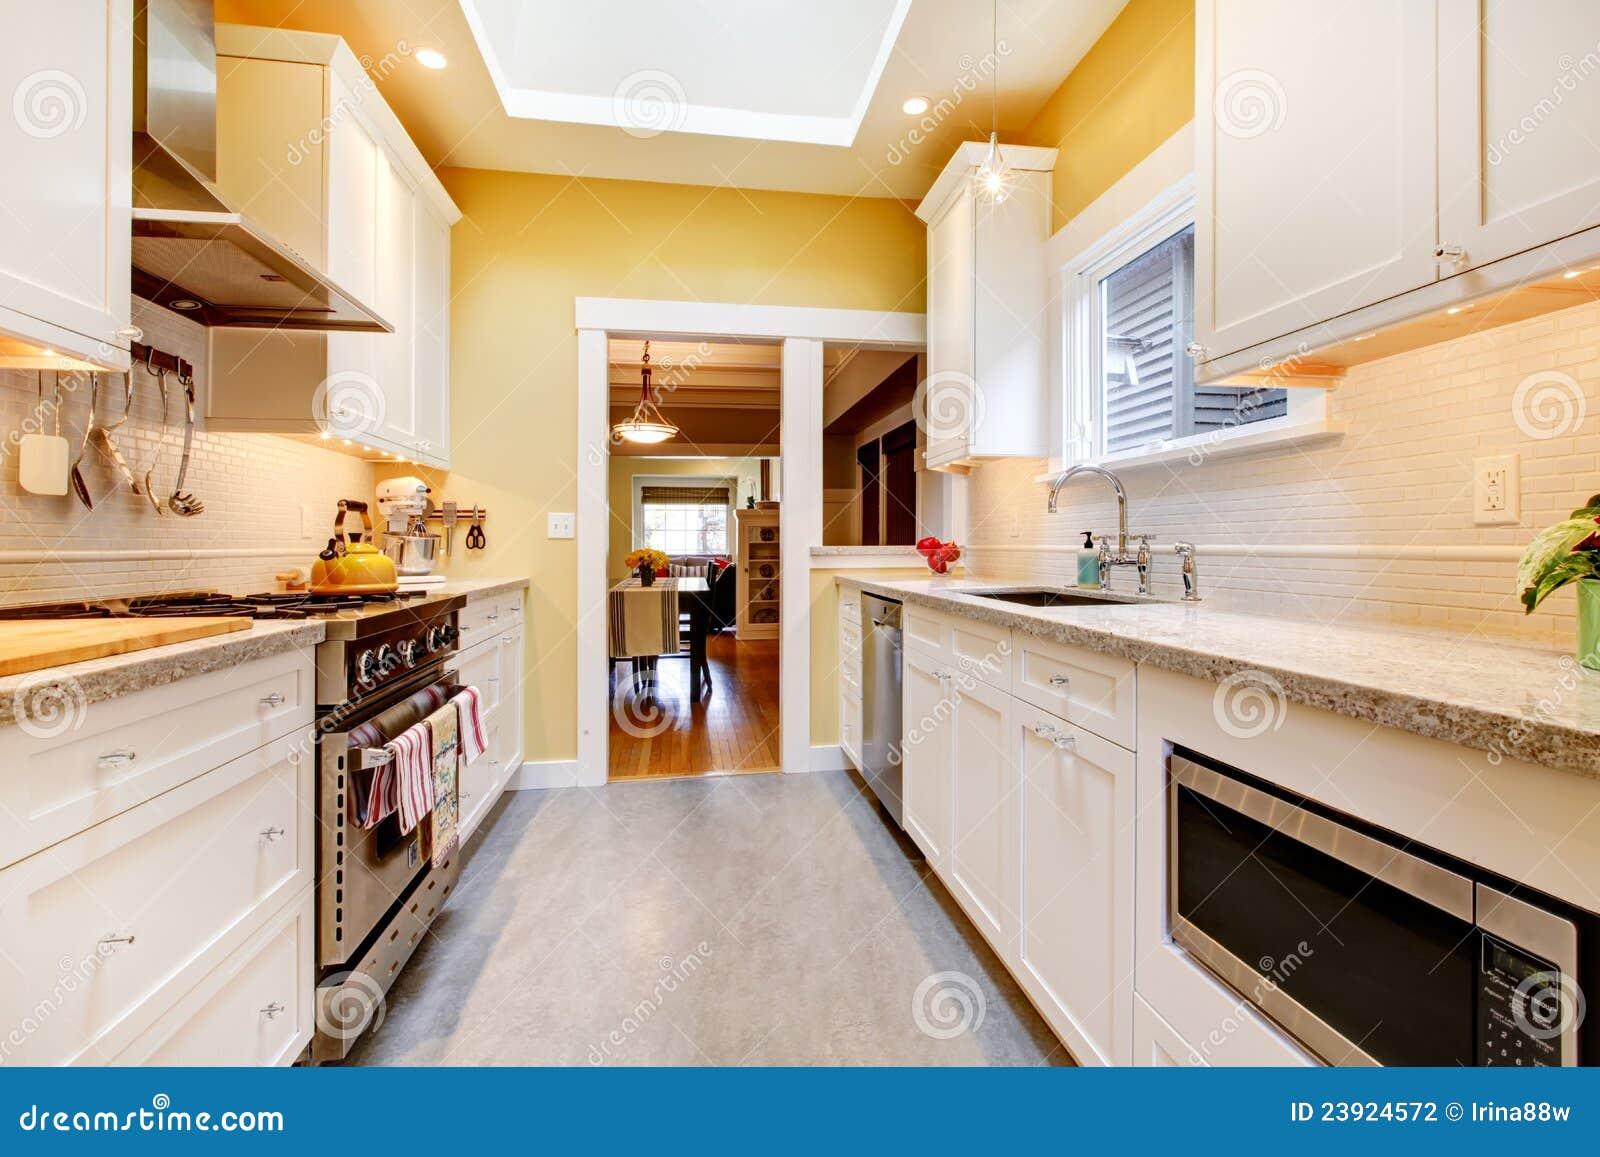 Witte Keuken Met Grijze Vloer : Smalle witte en gele keuken met ...